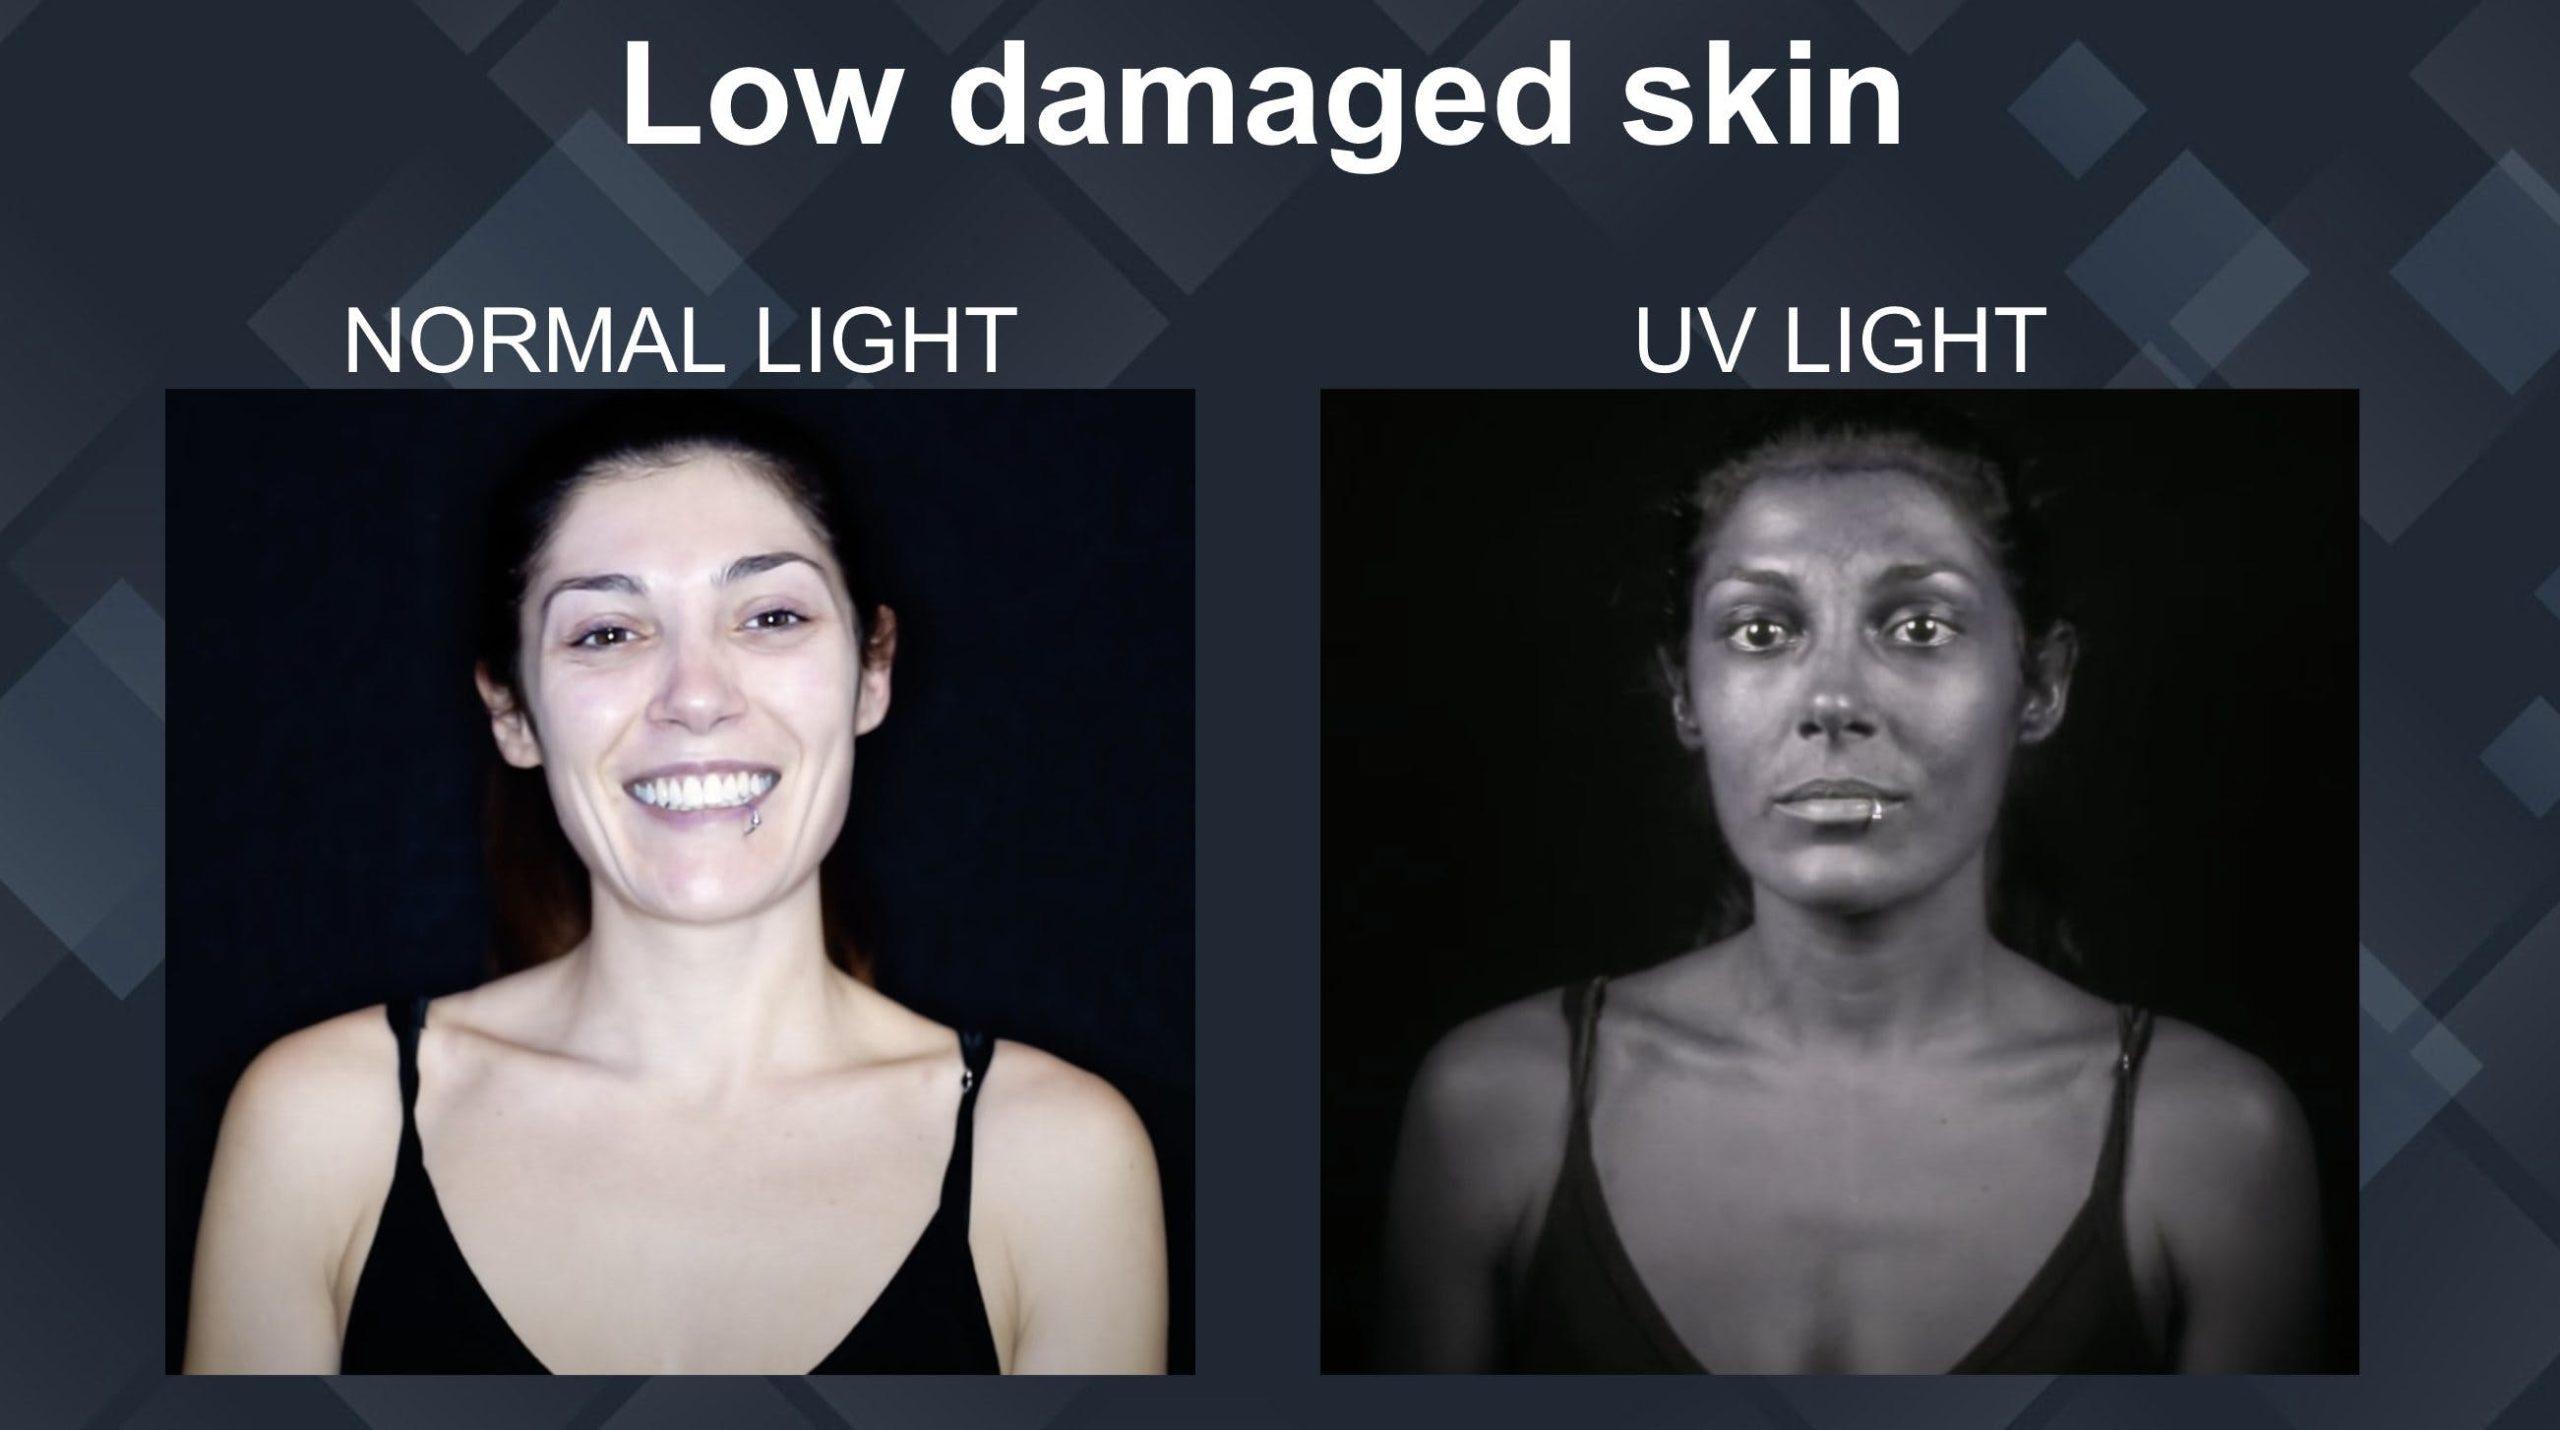 low damaged skin